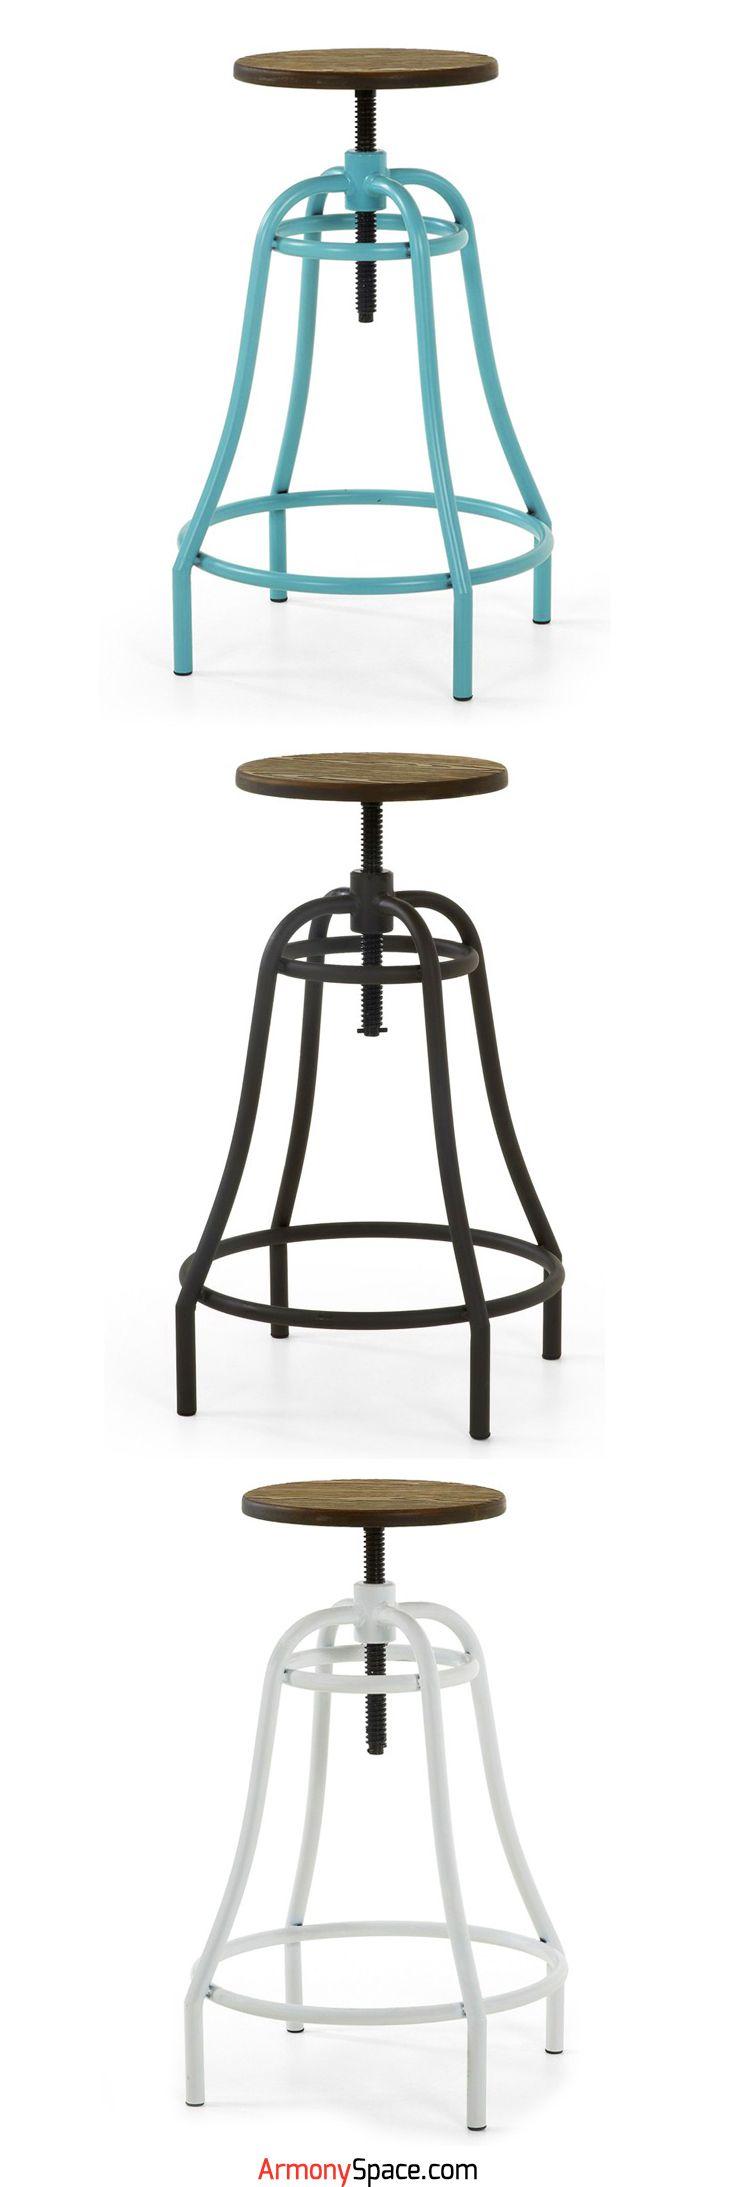 Taburete de diseño puramente industrial Aira · Purely industrial design stool Aira 🏭  Estructura metálica con pintura electroestática y asiento en madera. Es apta para uso exterior.  Industrial design www.armonyspace.com